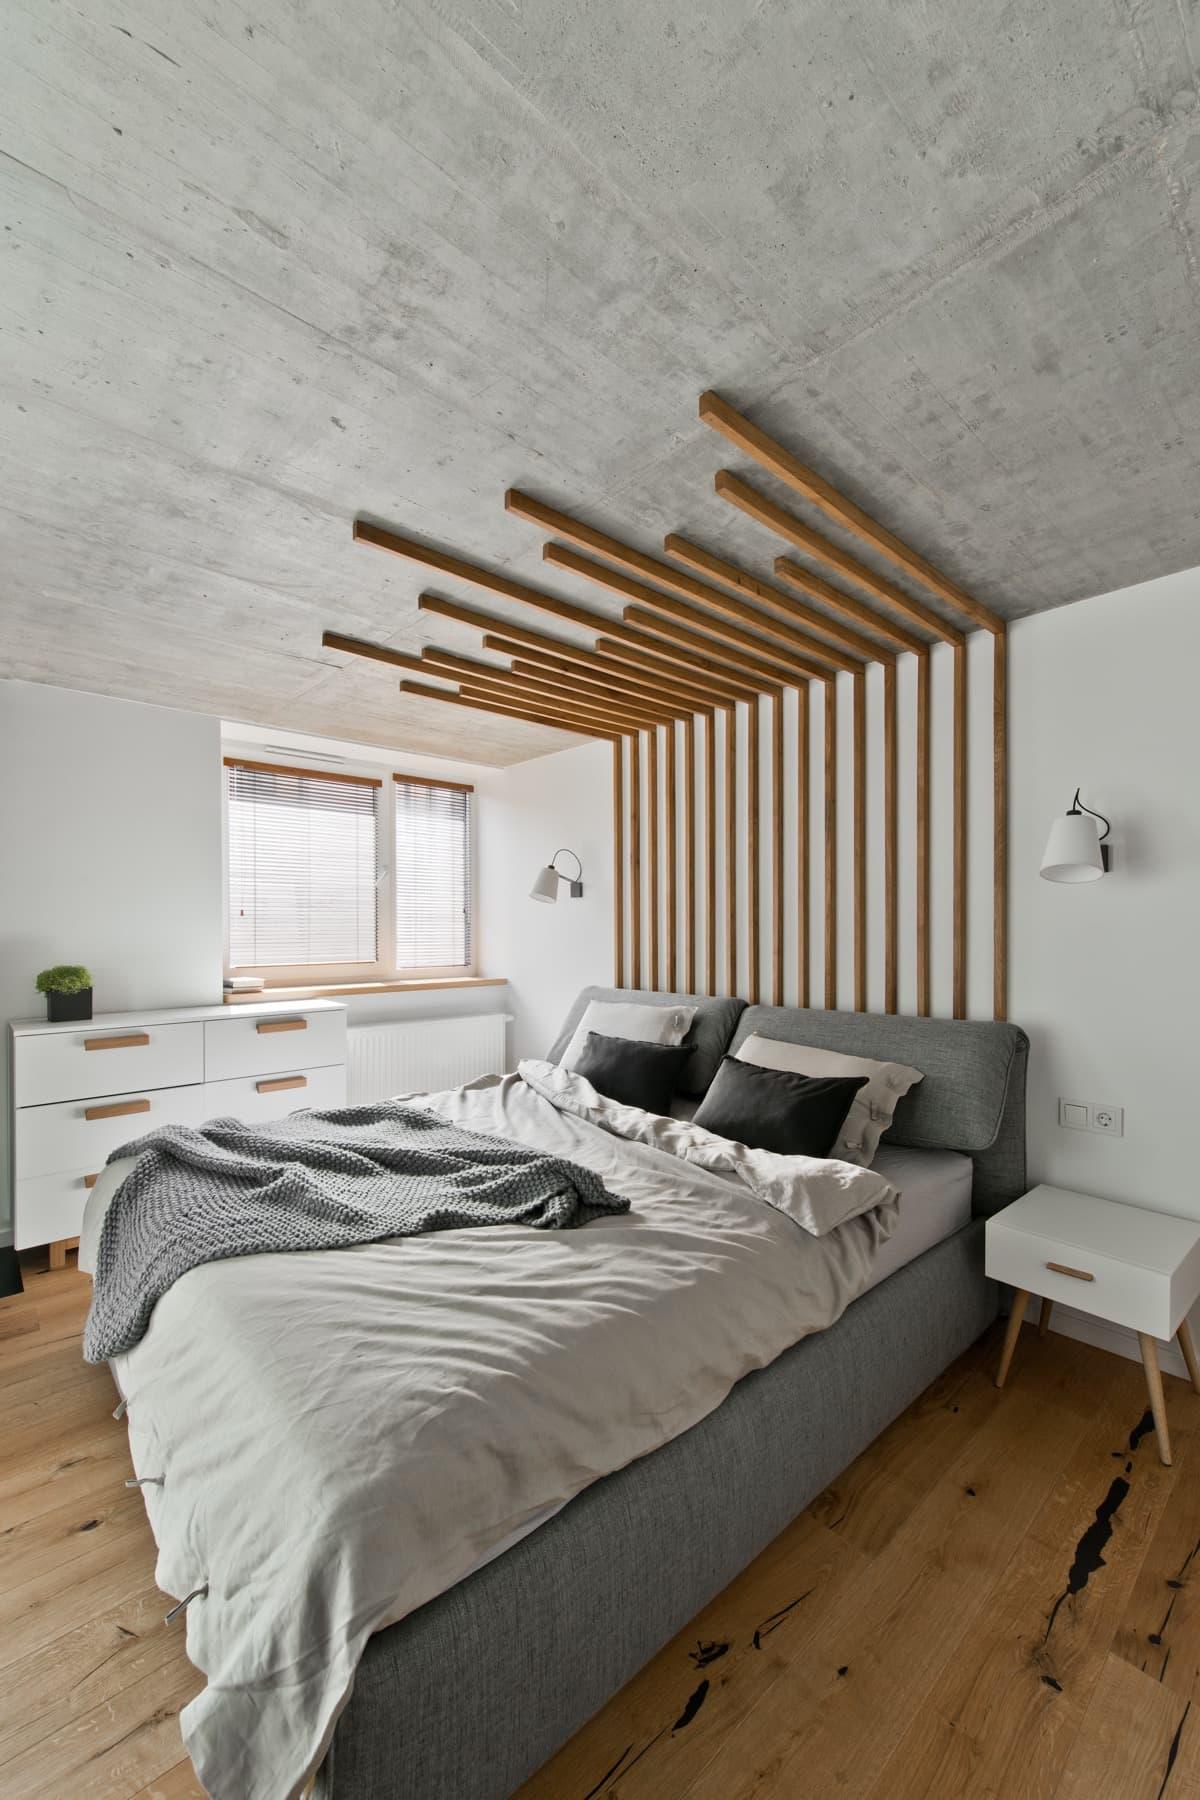 Une solution audacieuse mais justifiée pour décorer la tête de lit avec des planches de bois